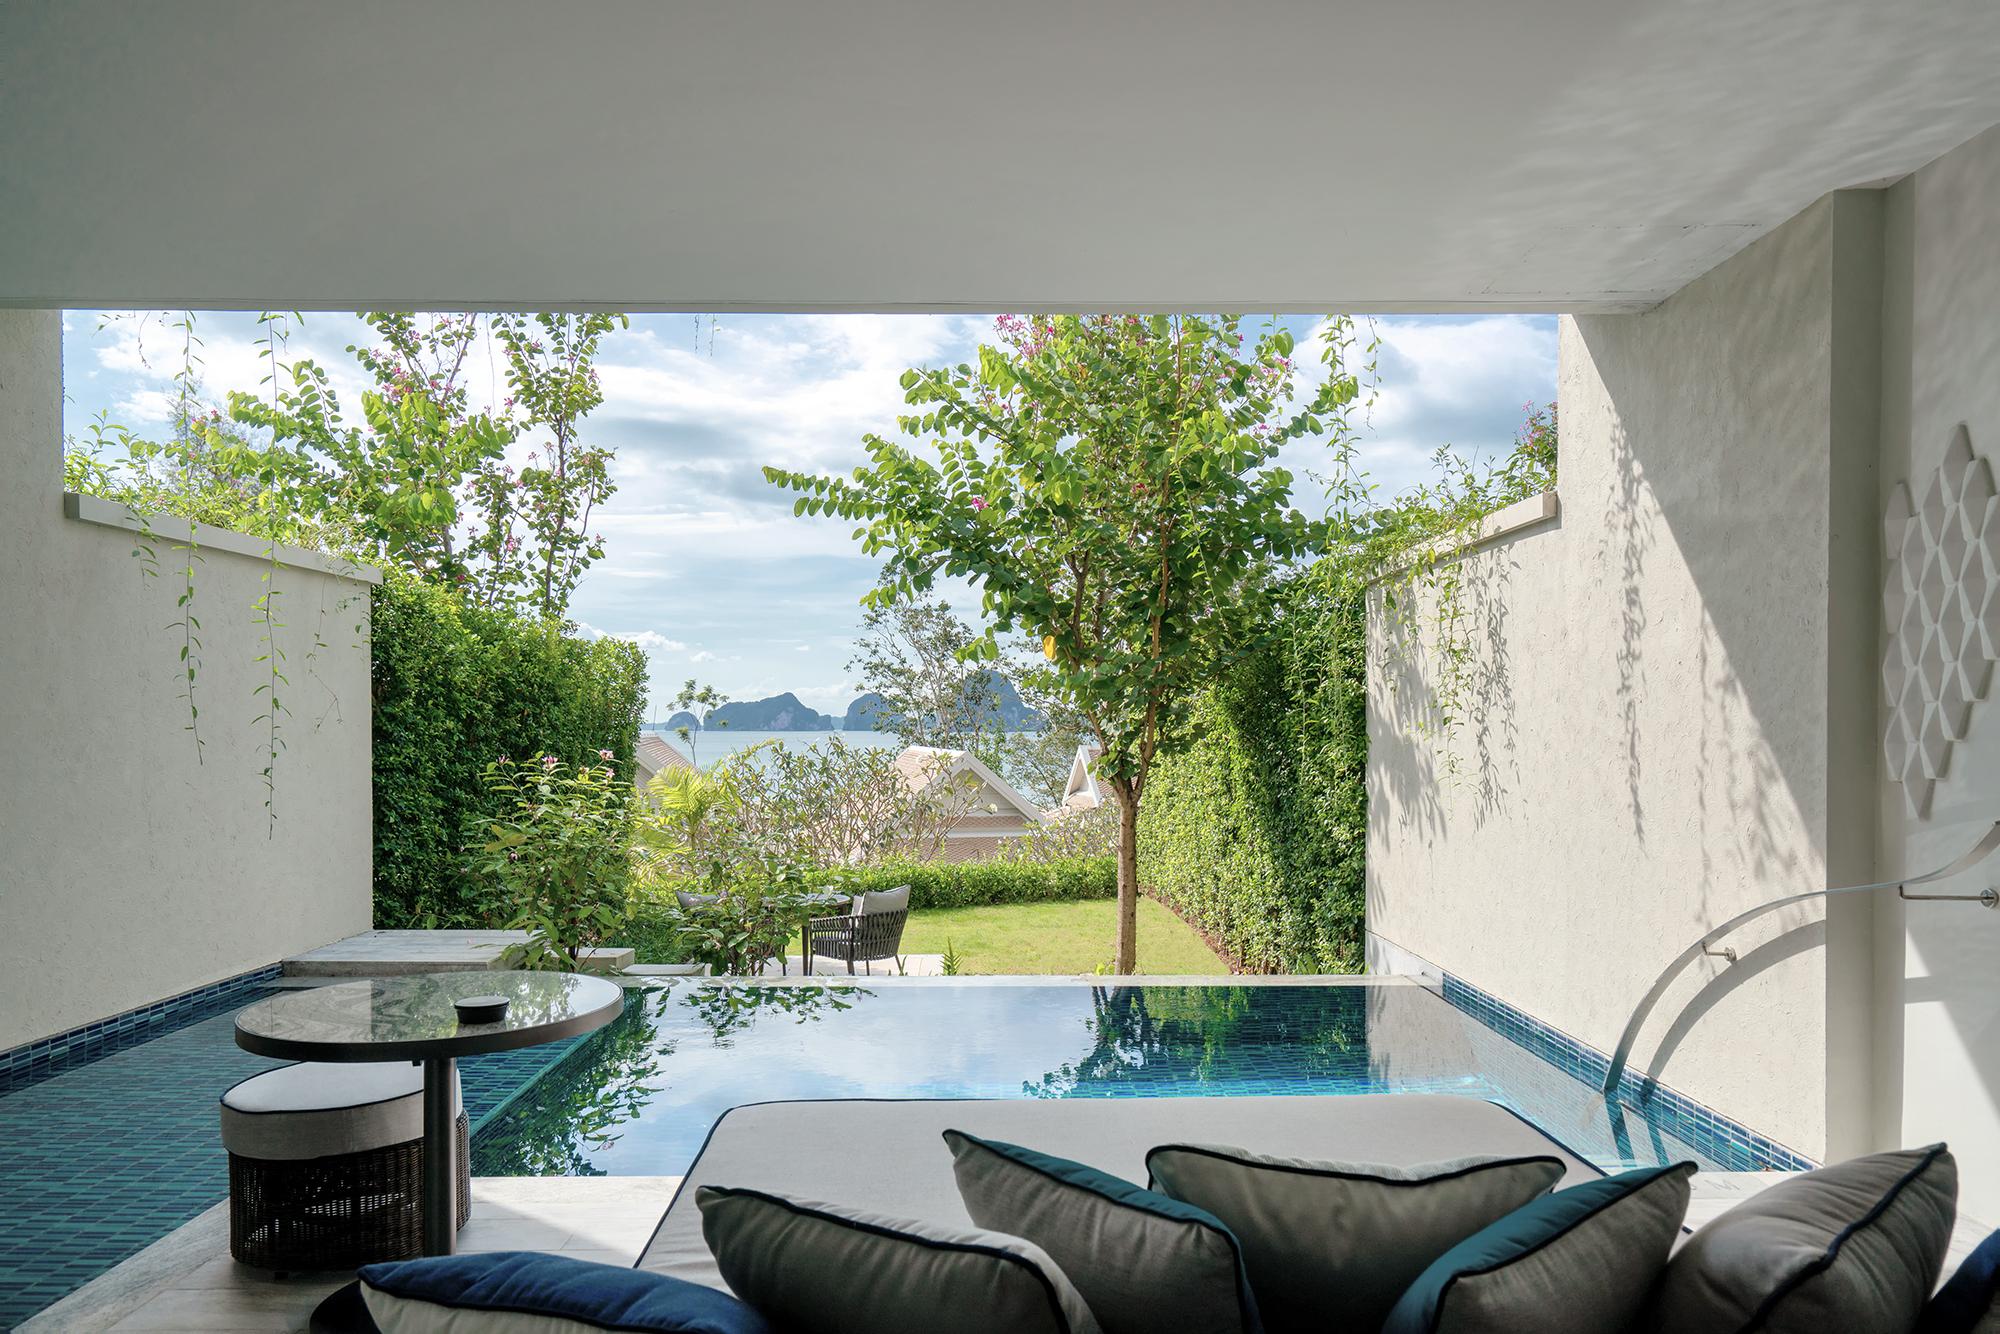 2. Deluxe Garden Pool Suite